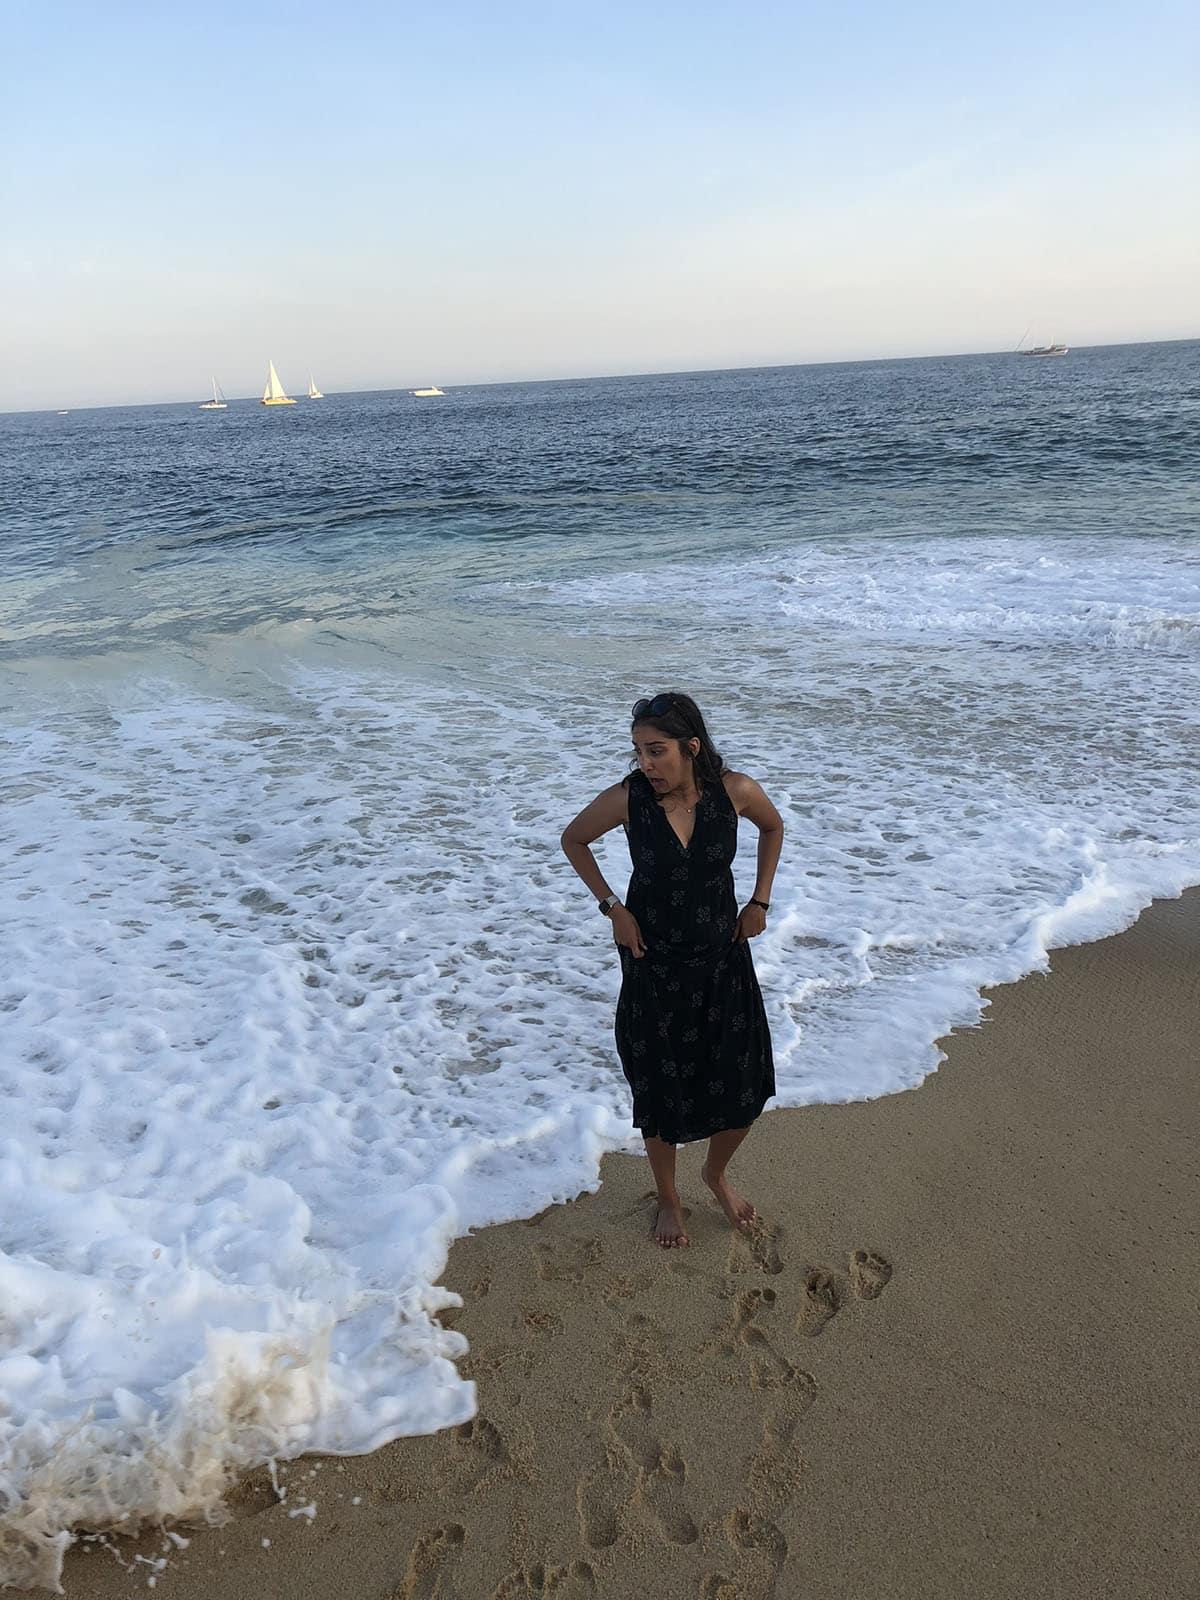 me in pacific ocean